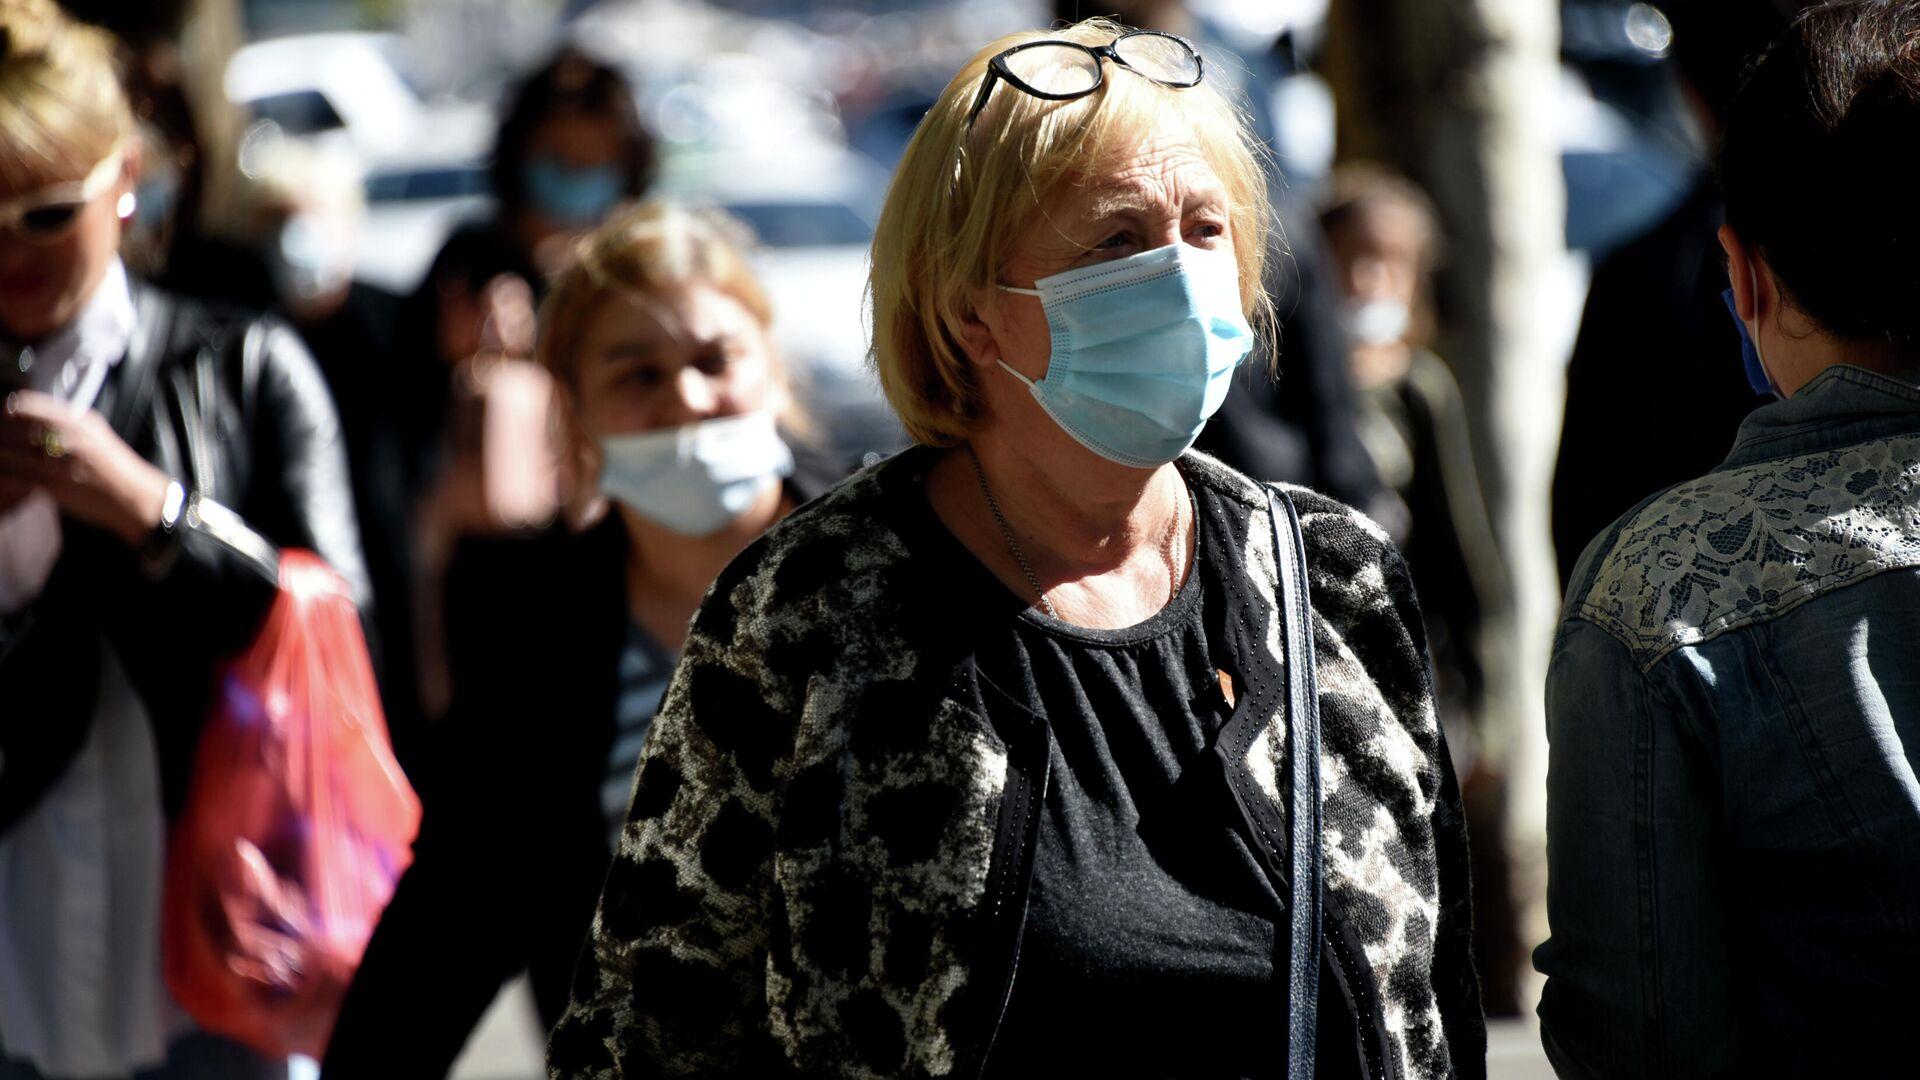 Эпидемия коронавируса - люди на улице в масках - Sputnik Грузия, 1920, 29.09.2021